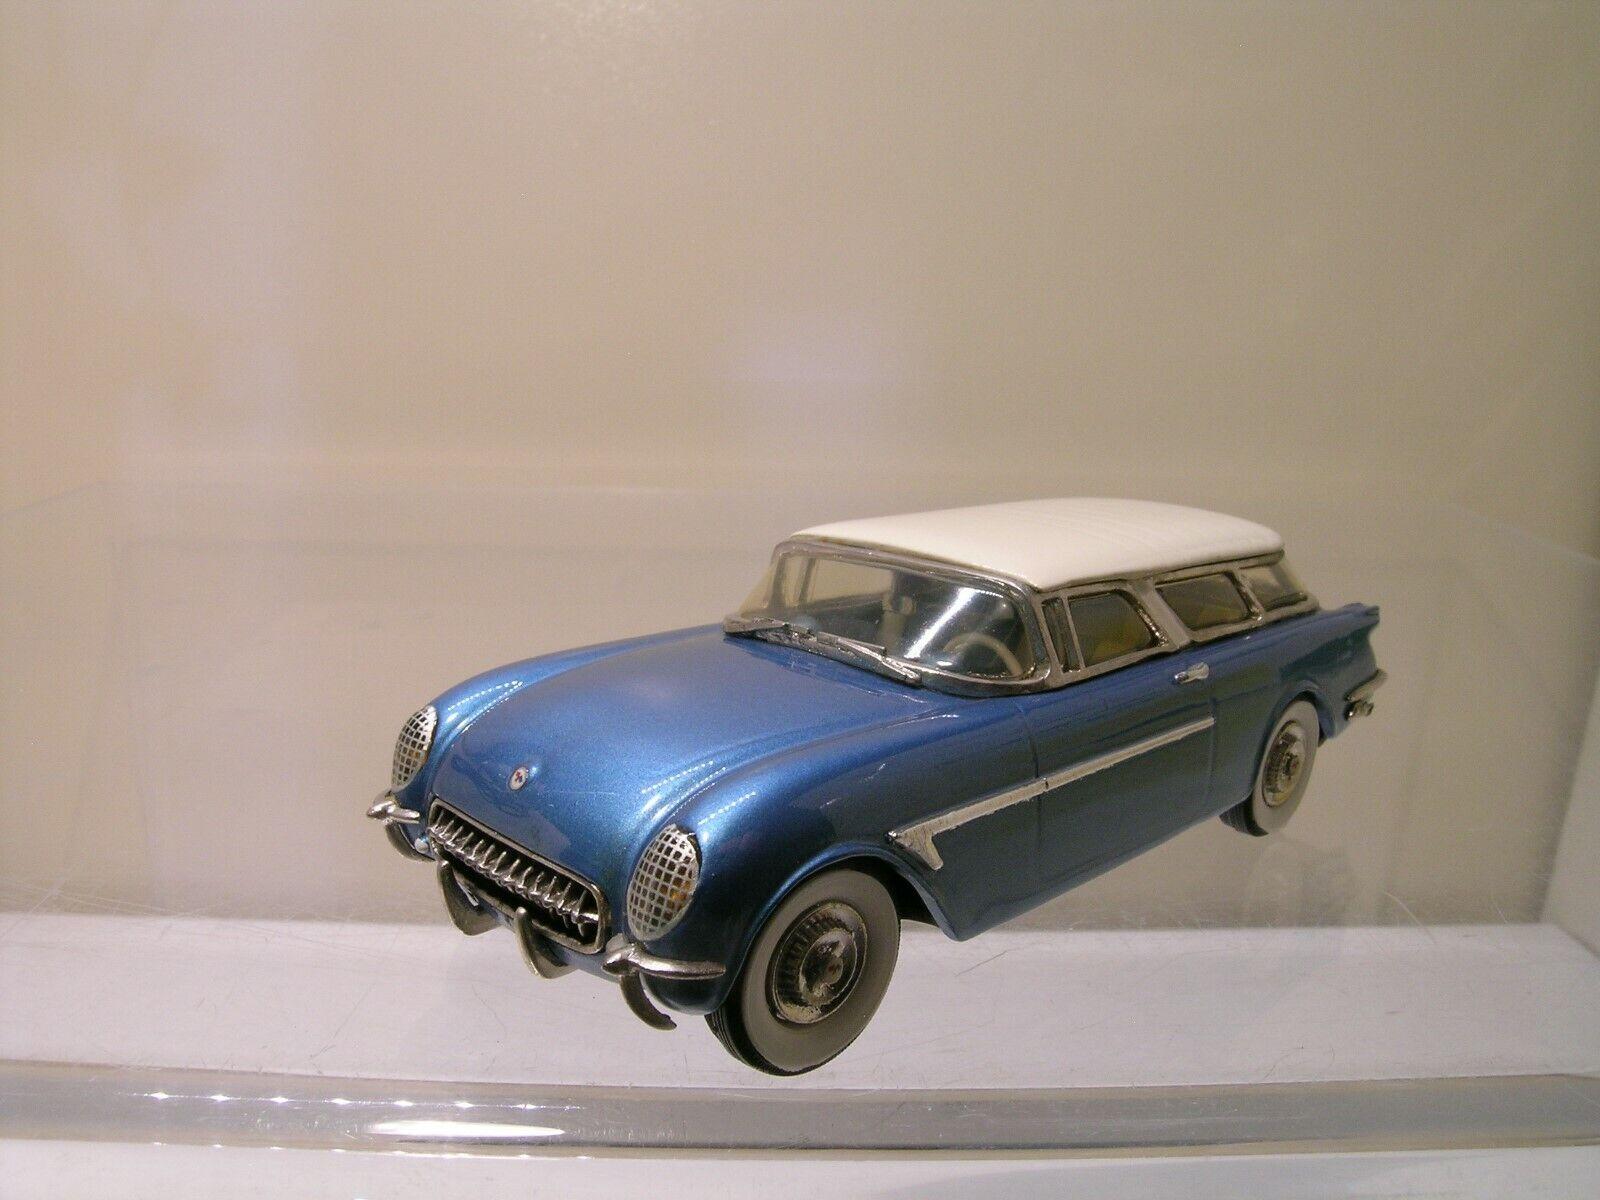 La gran máquina del del del sueño americano, la muestra smts Corvette Nomad, 1954, rara 1  43. 8d8